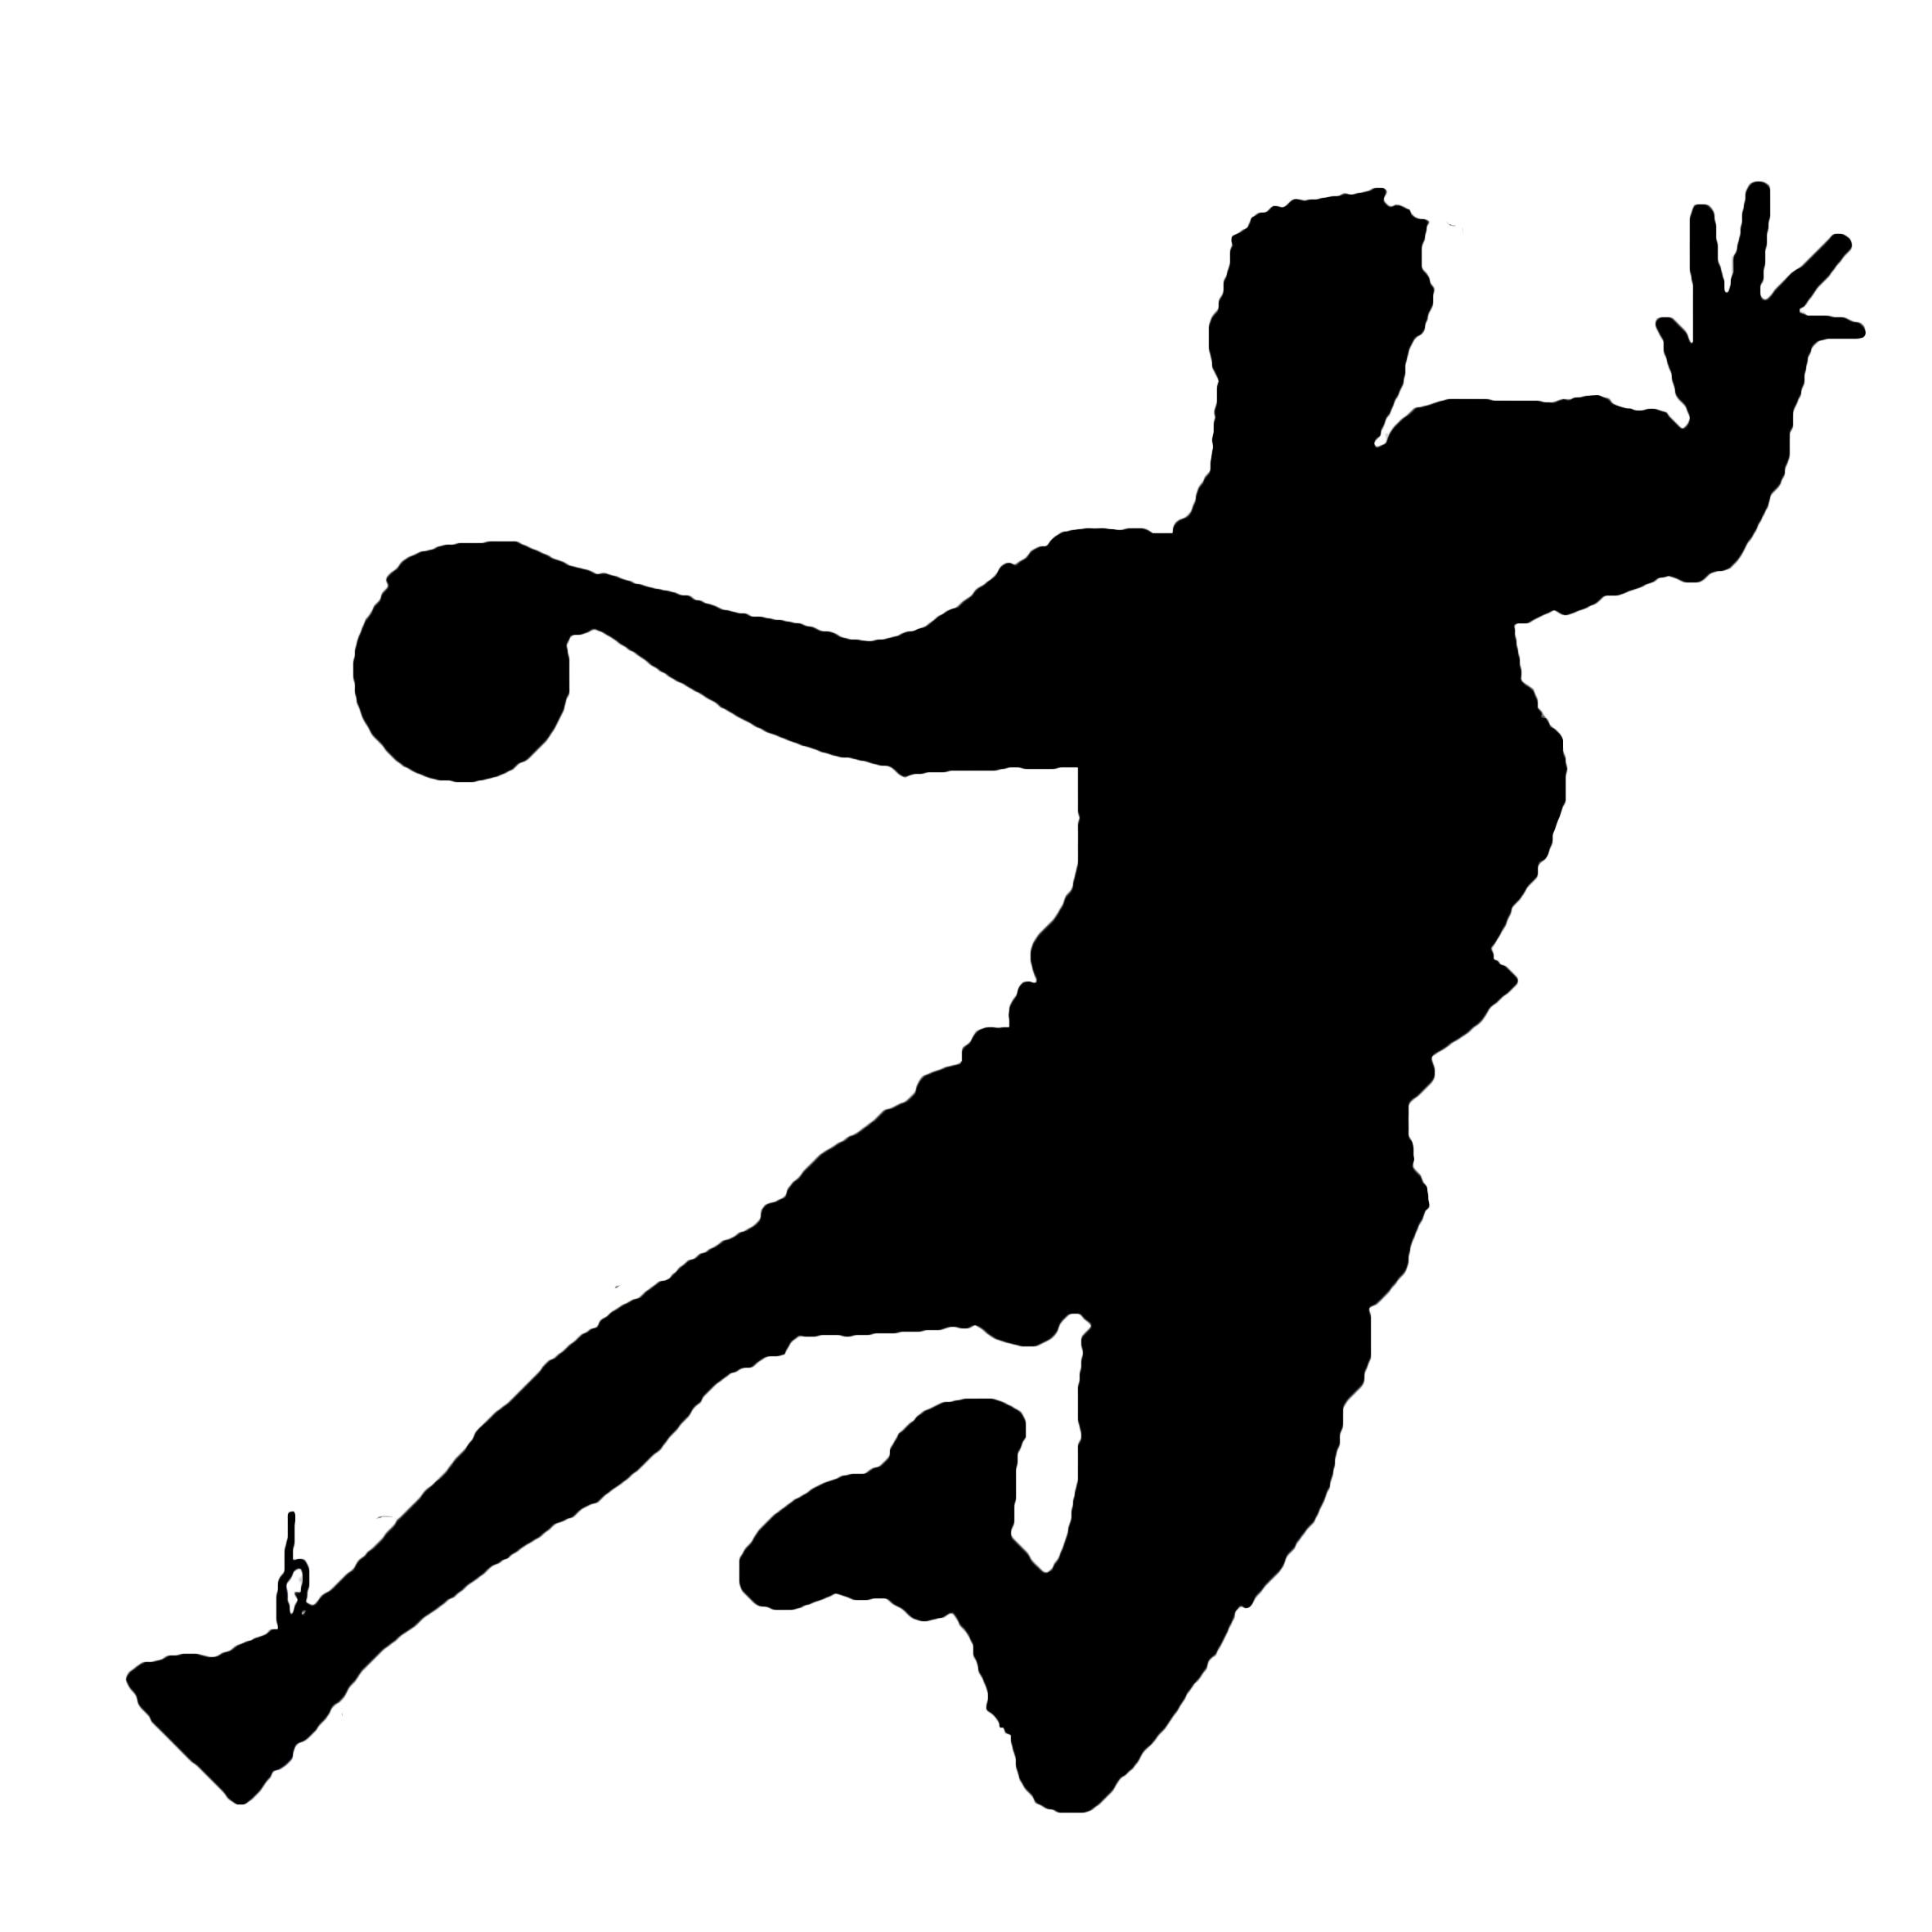 Bildergebnis für handball silhouette